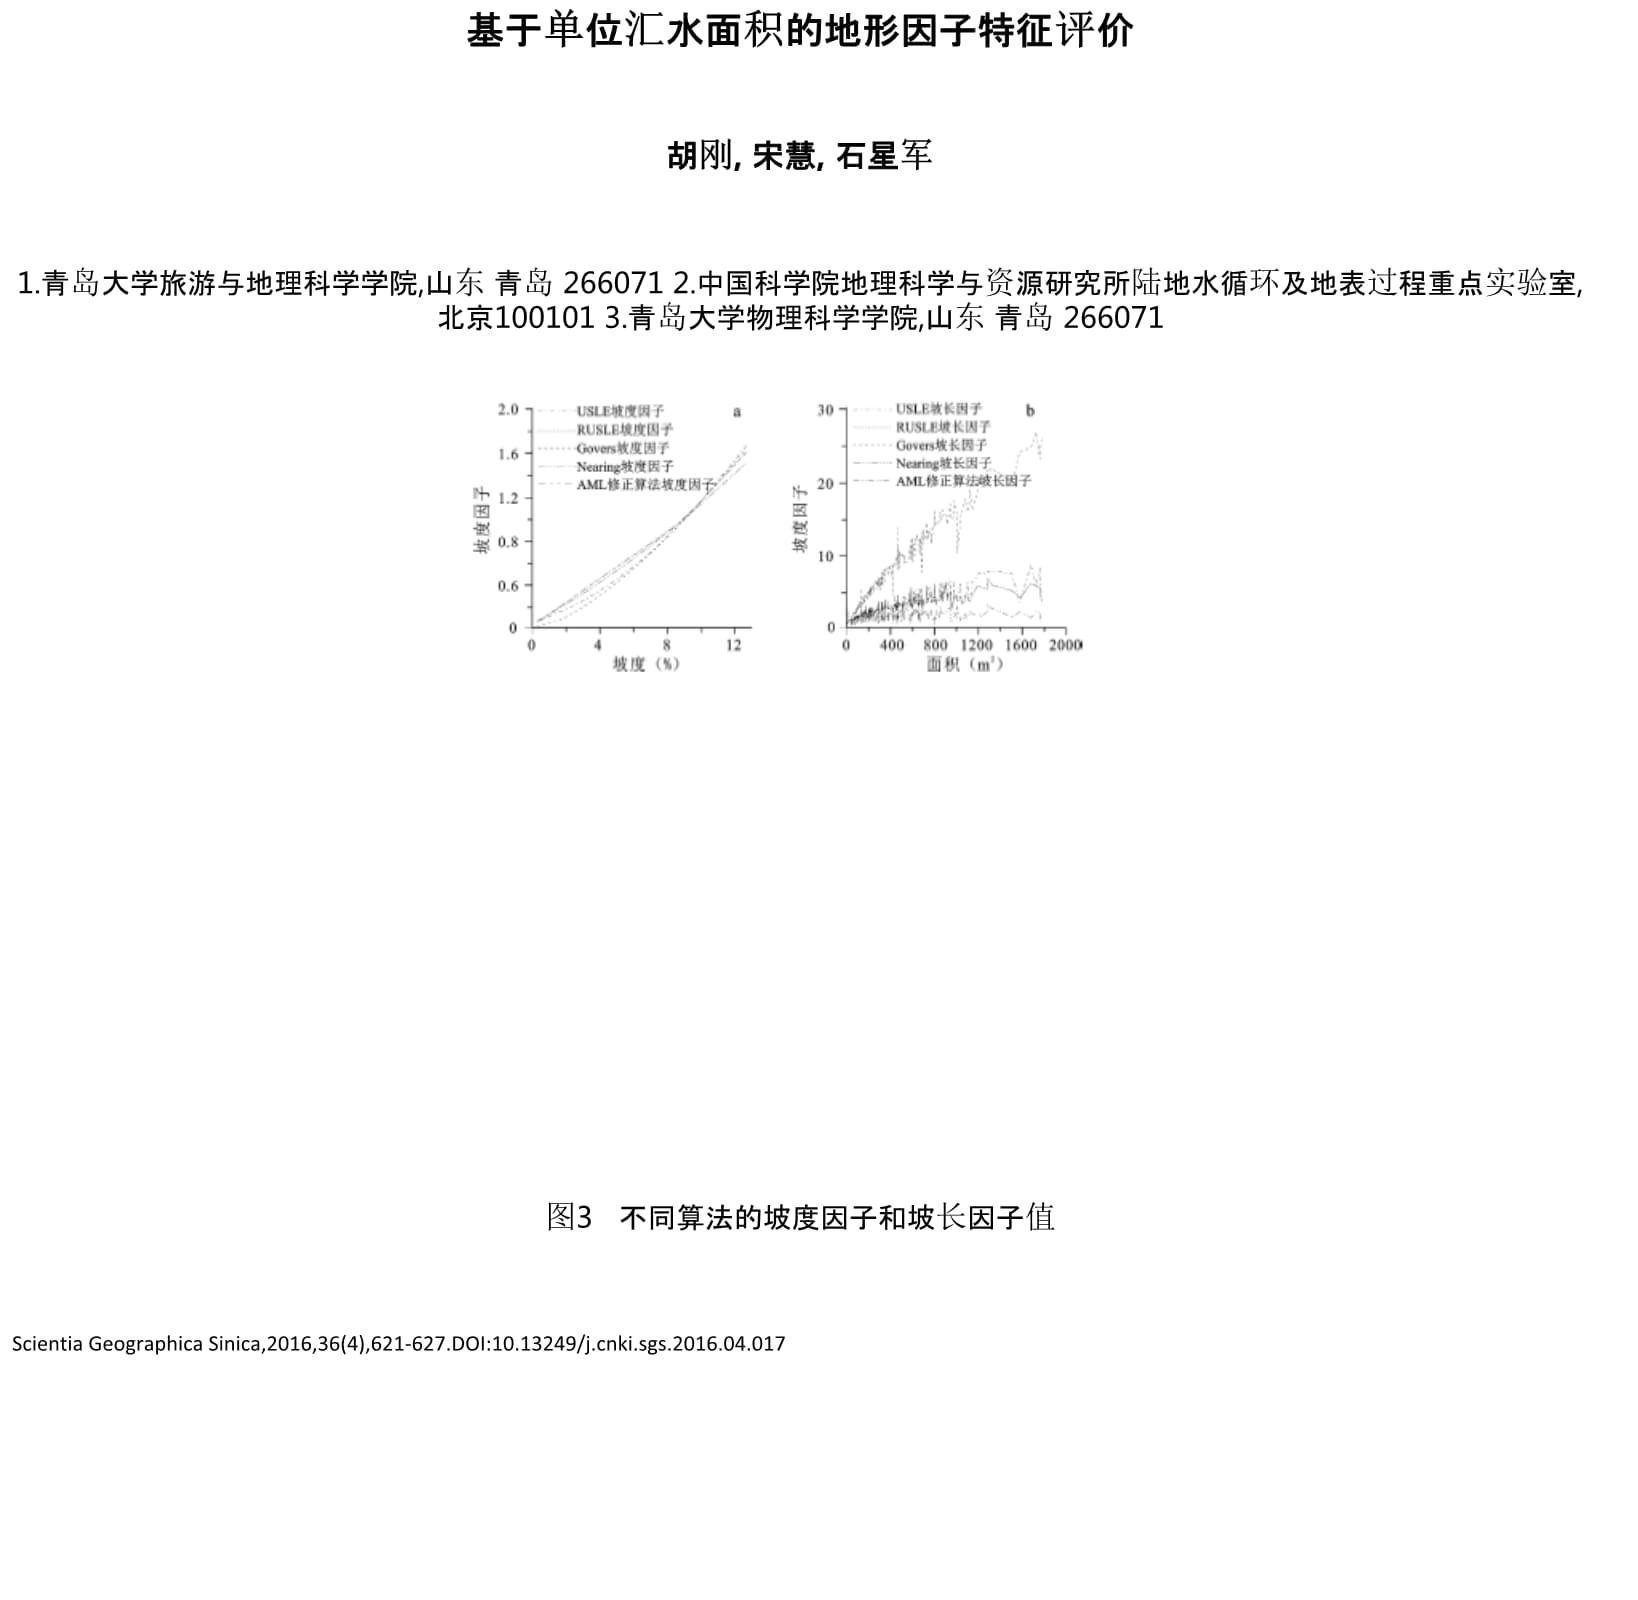 基于单位汇水面积的地形因子特征评价.ppt